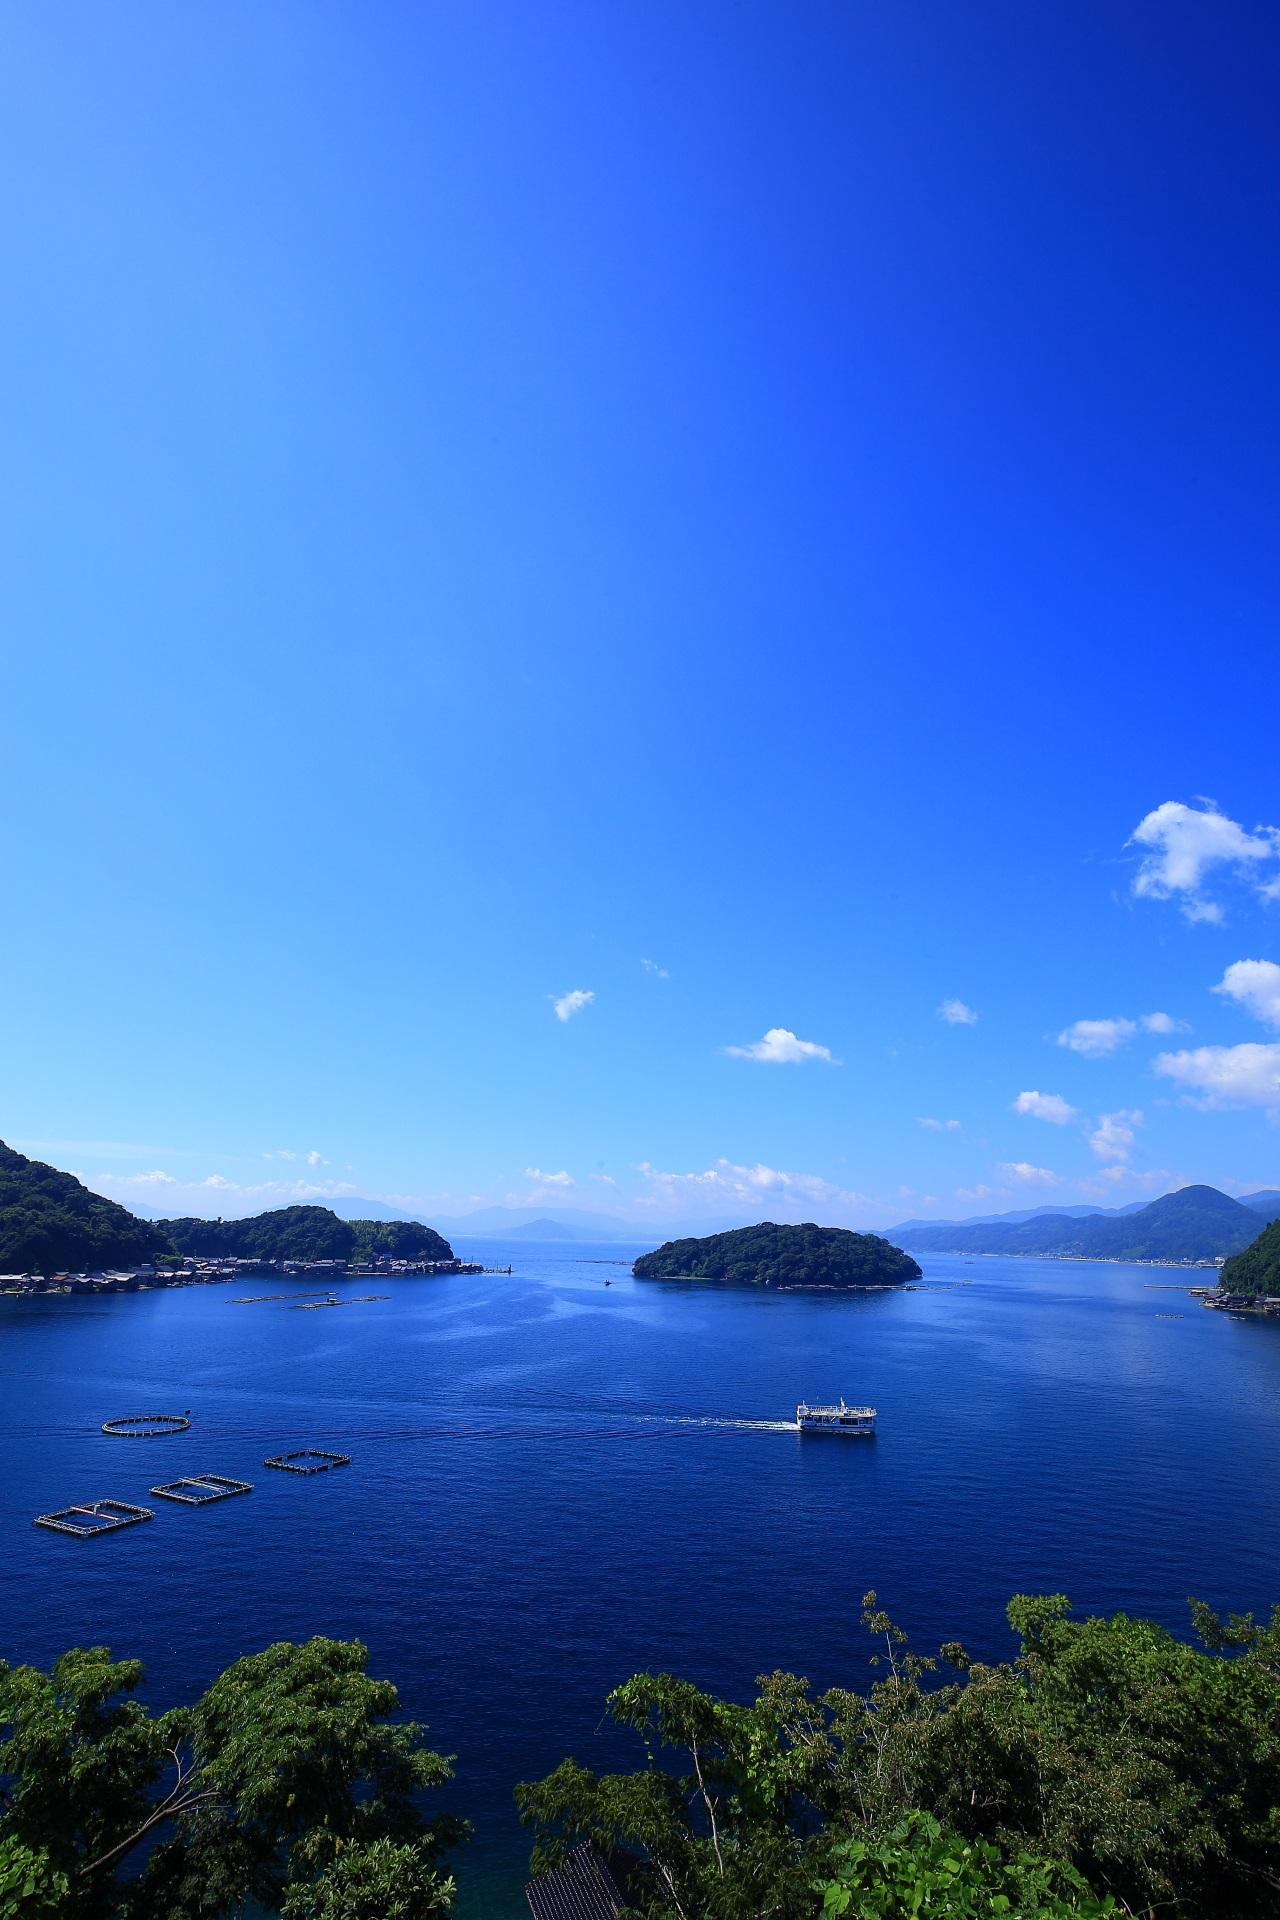 伊根湾や舟屋の素晴らしすぎる情景